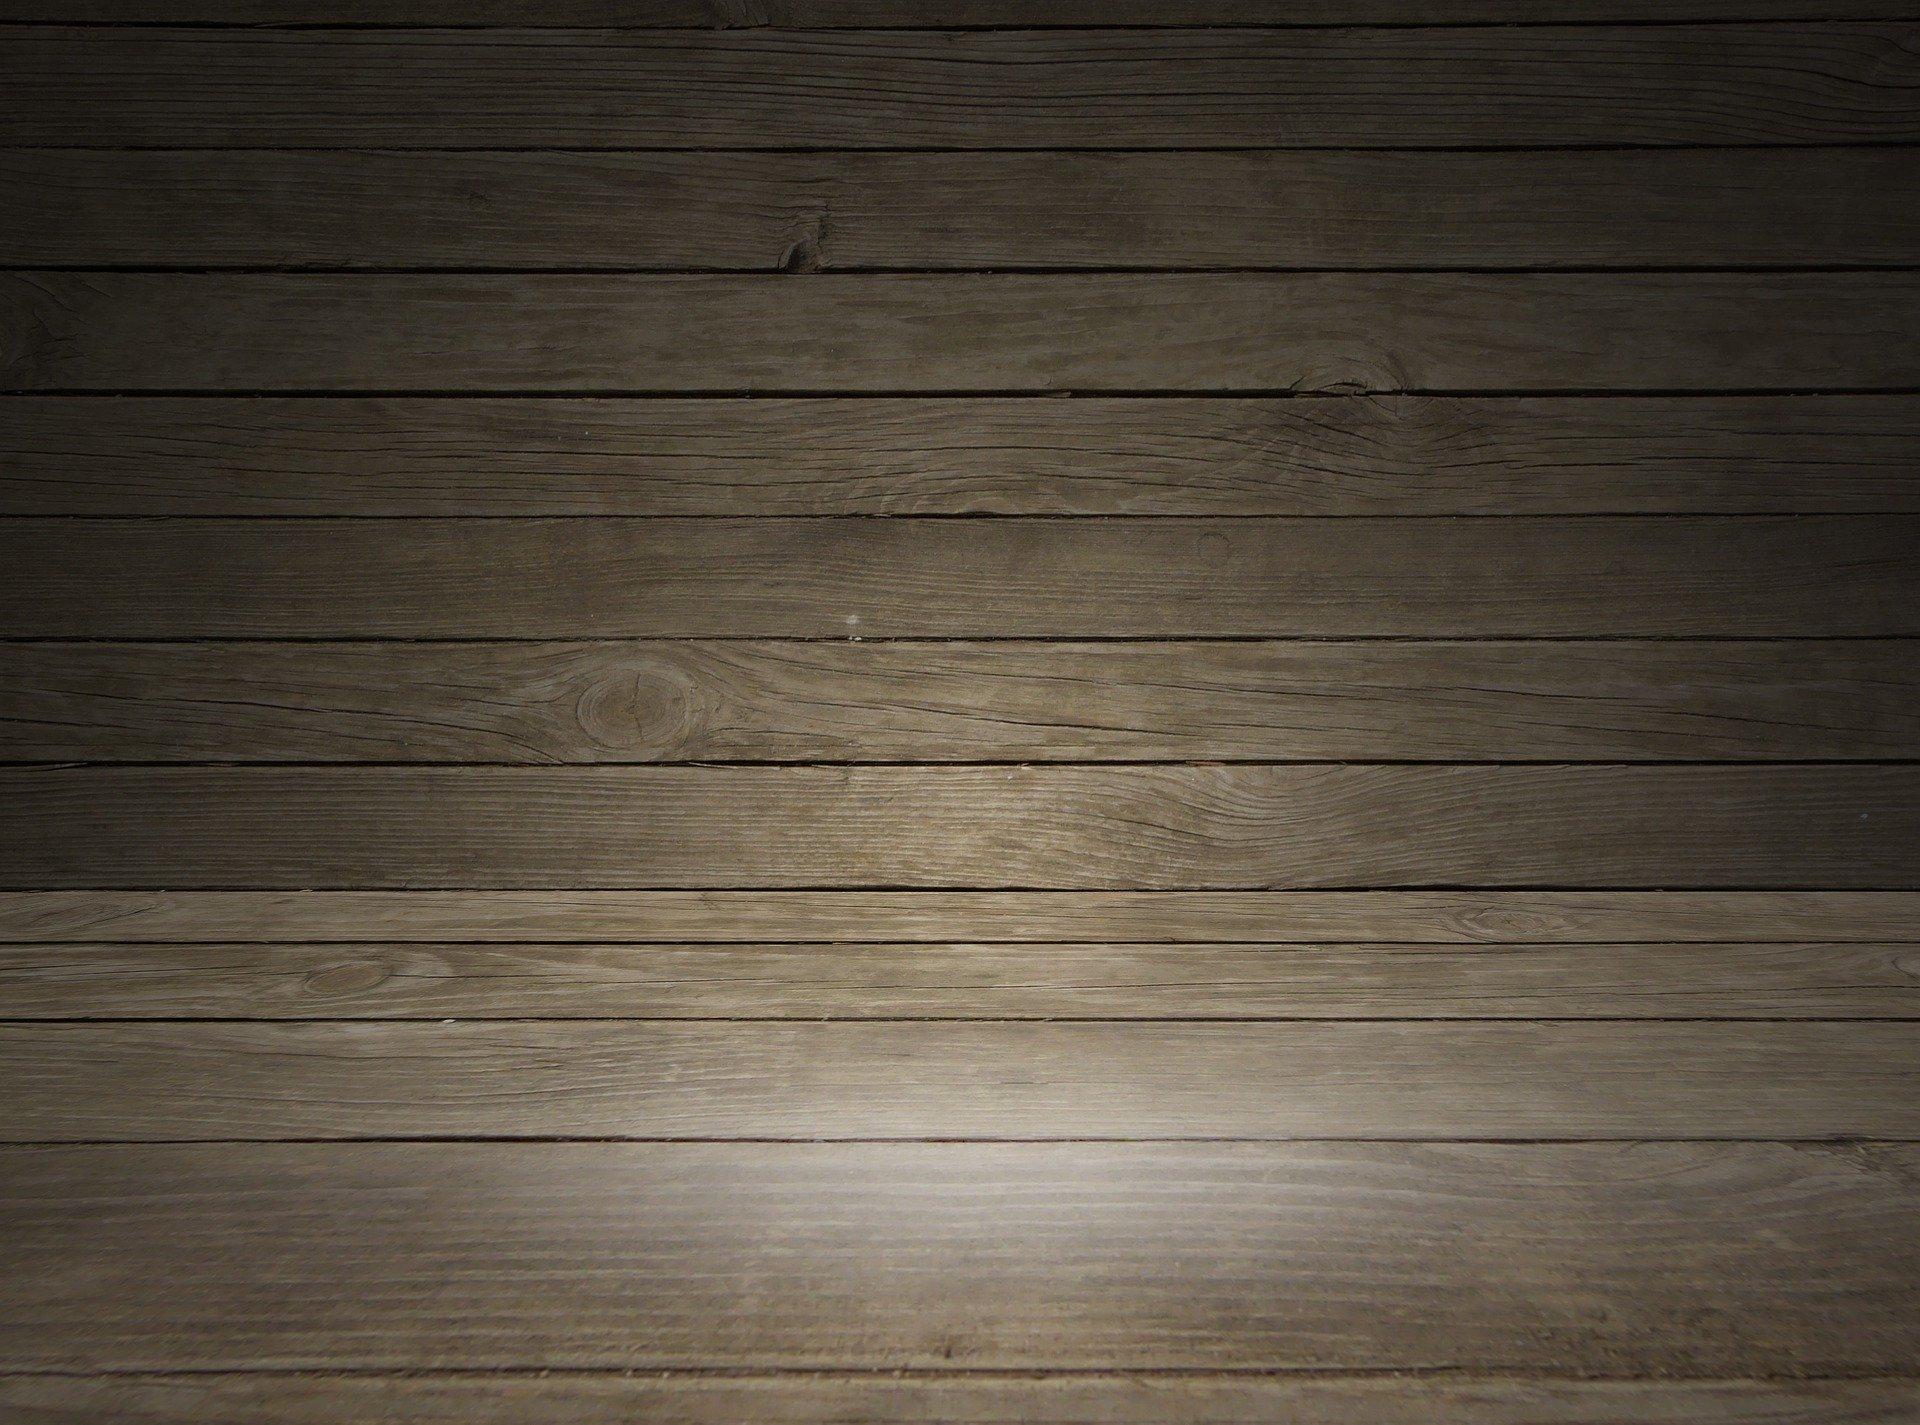 wood-floor-1170745_1920